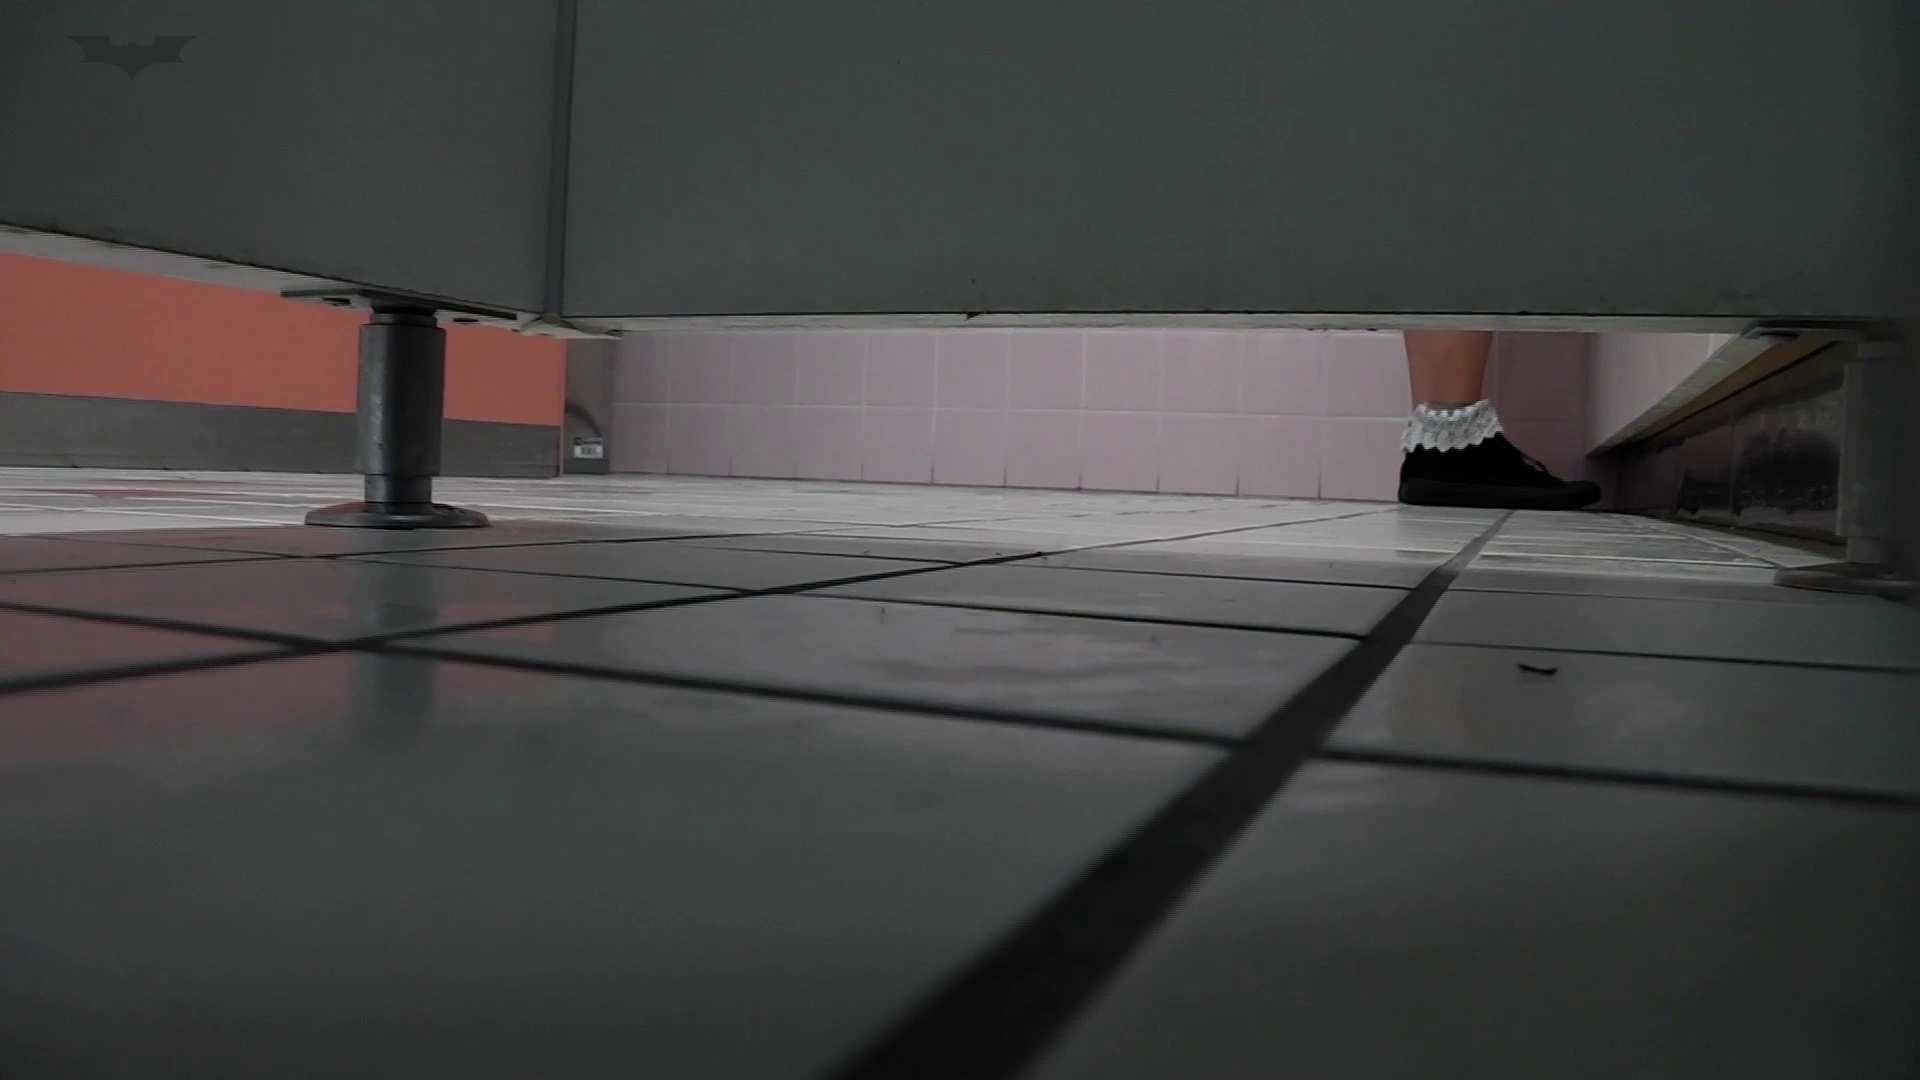 エッチ 熟女|美しい日本の未来 No.17 結構大変!瞬間移動かーらーのっ、隙間撮り!|怪盗ジョーカー